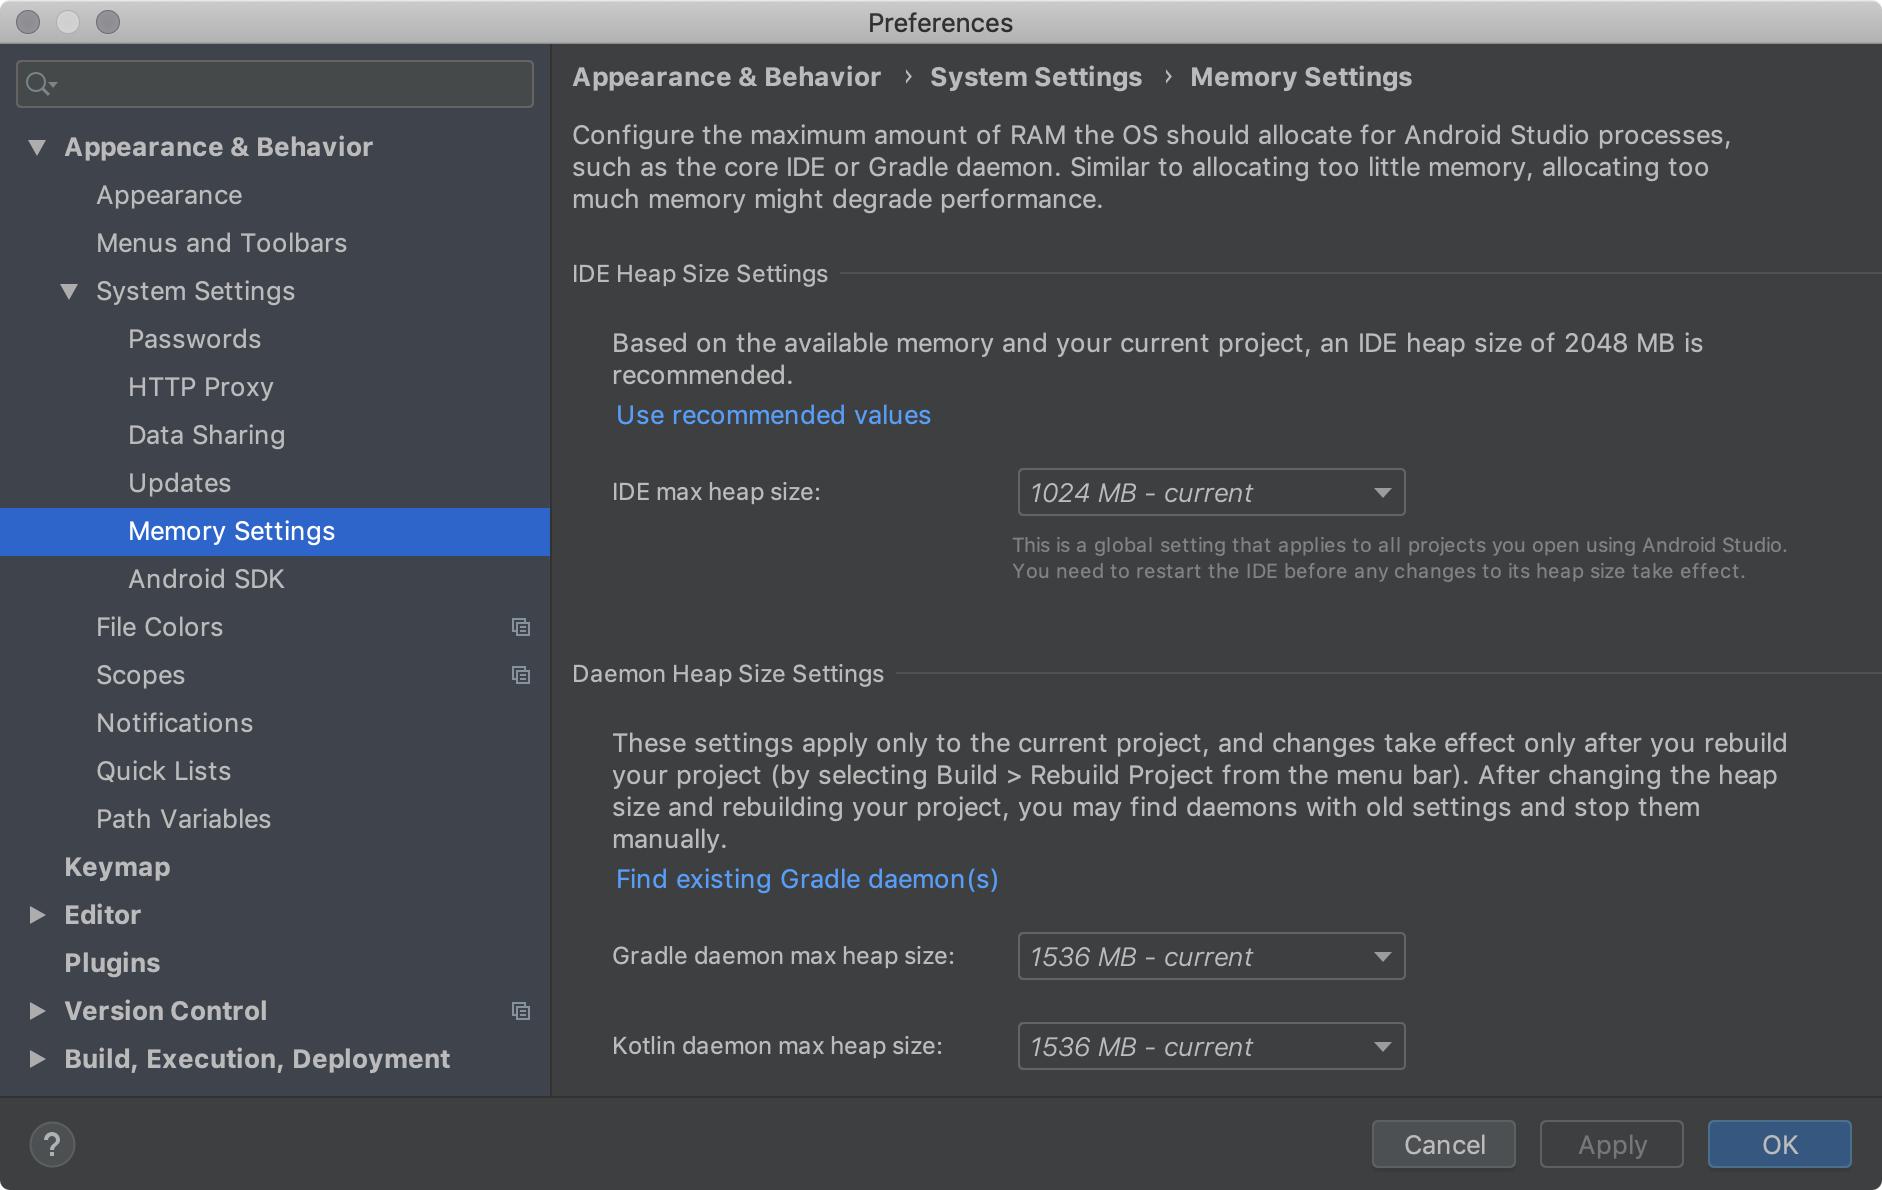 La configuración de memoria, que te permite establecer la cantidad máxima de RAM para los procesos de AndroidStudio.